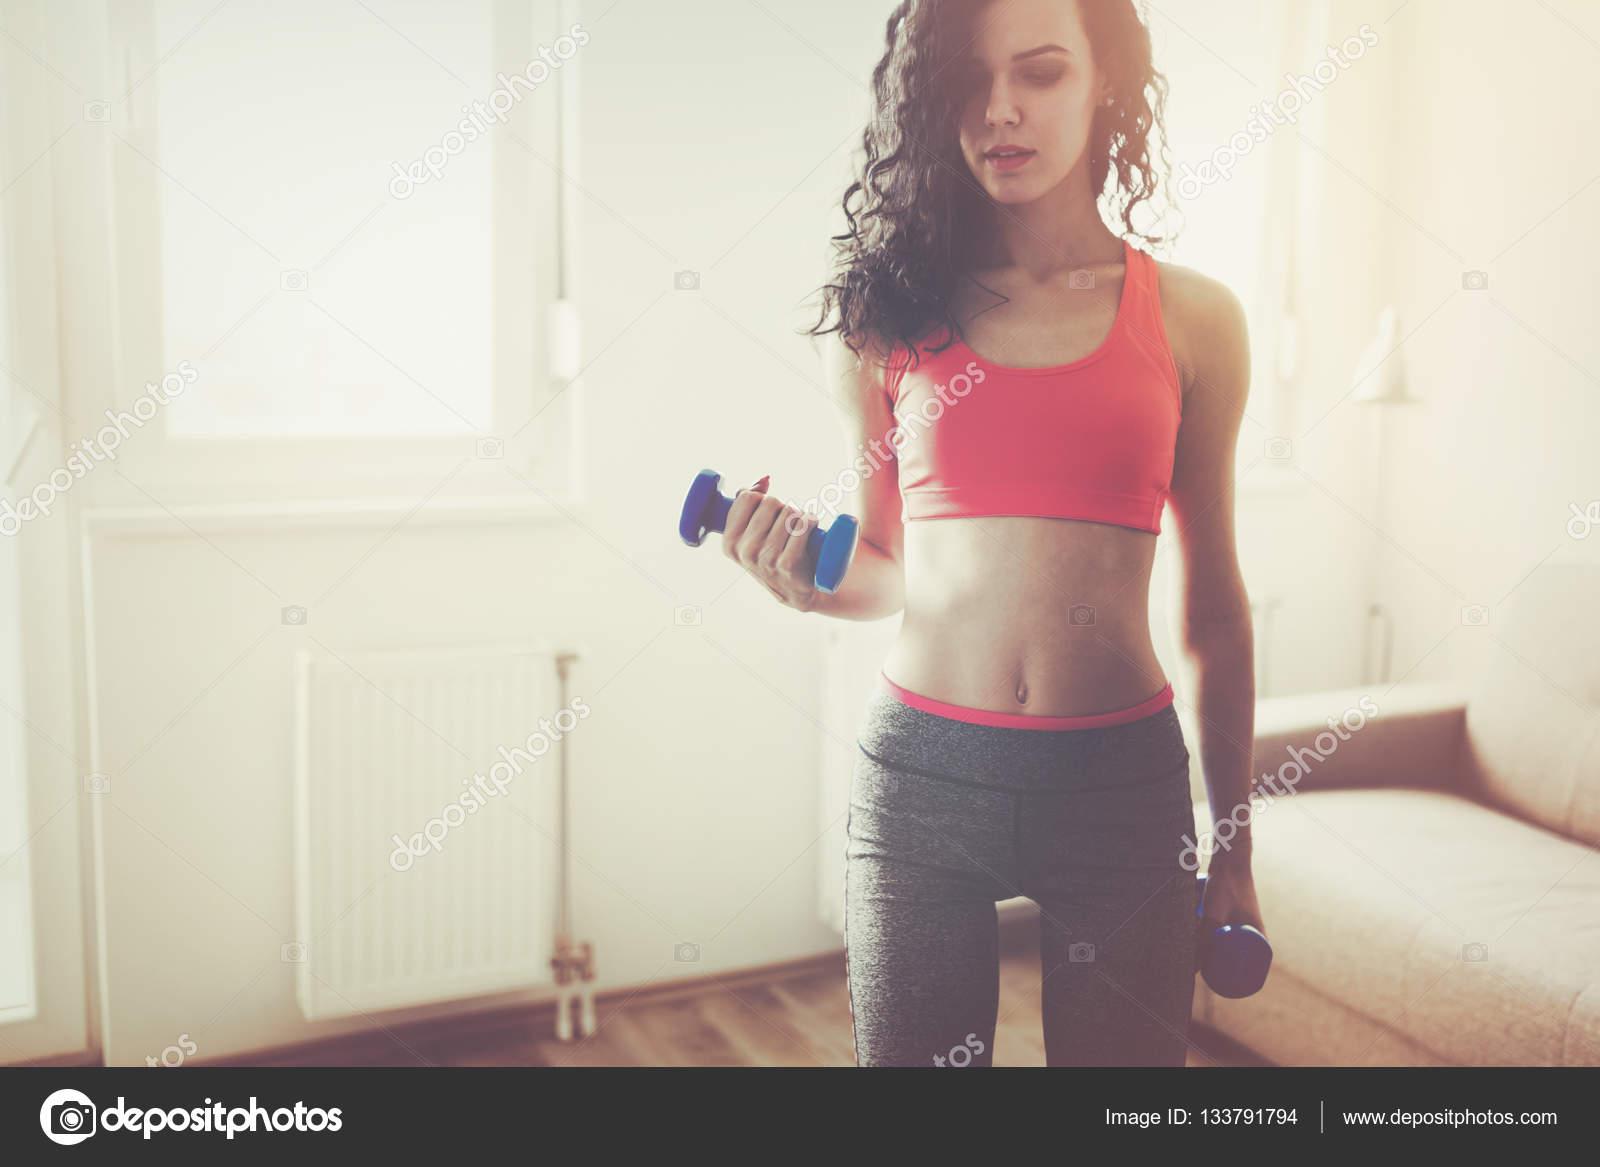 Casa ejercicios en en mantenerse forma